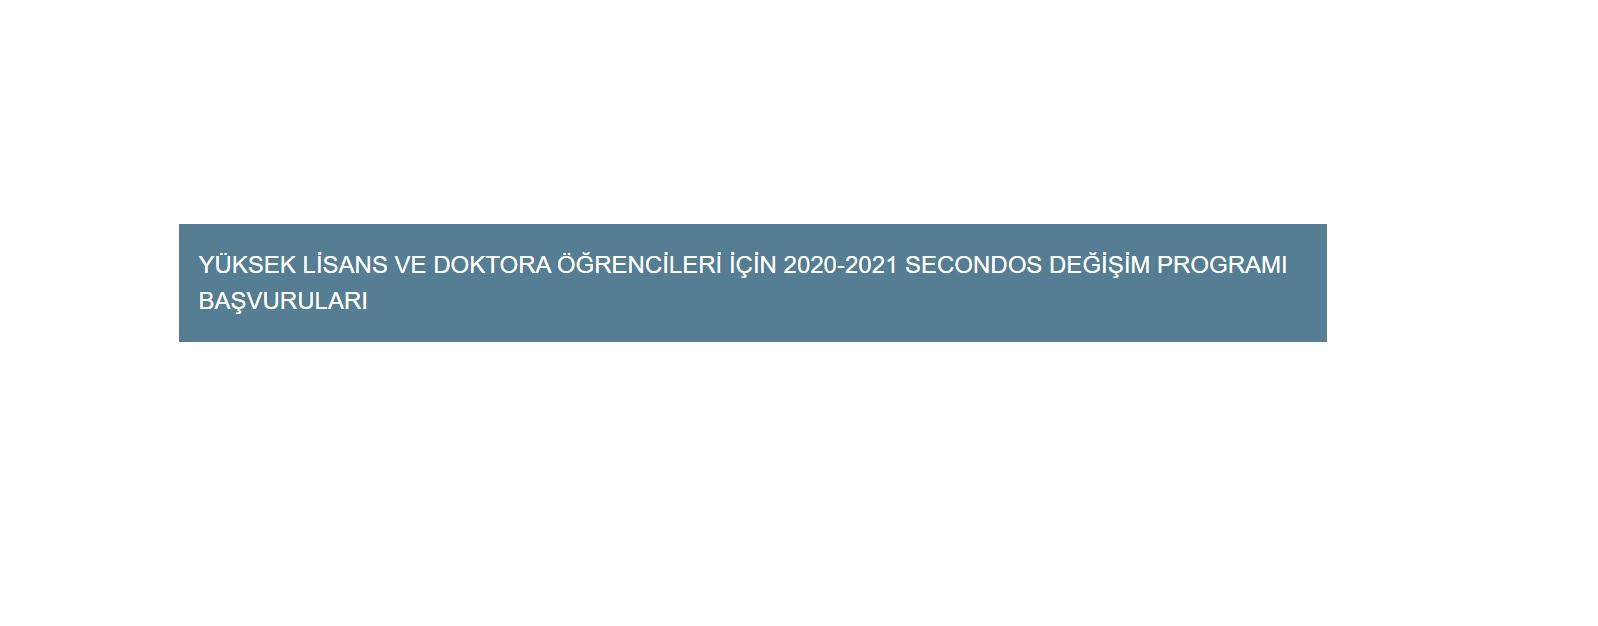 Yüksek Lisans ve Doktora Öğrencileri için 2020-2021 Secondos Değişim Programı Başvuruları